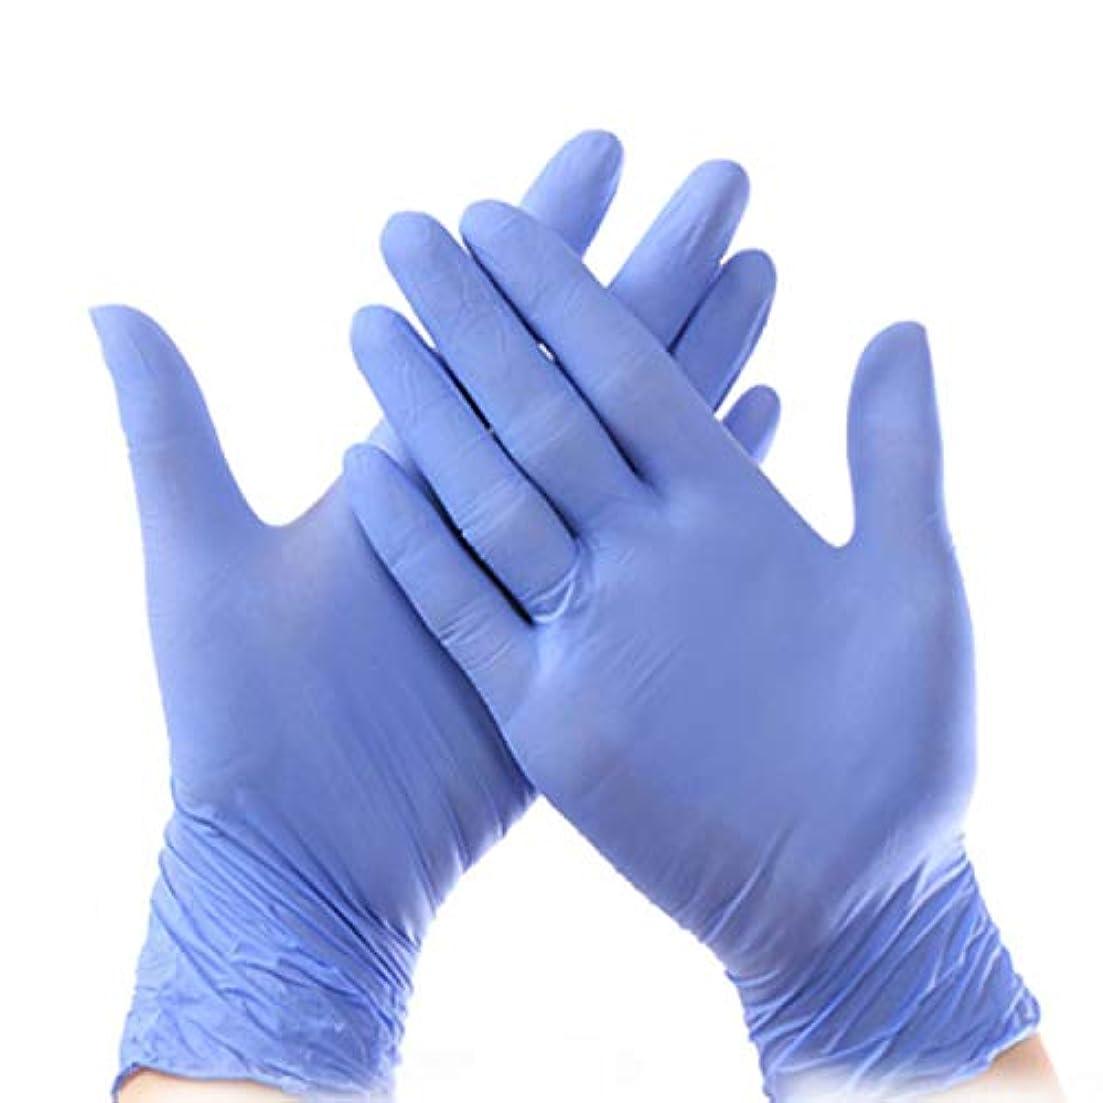 科学者副産物小石使い捨て手袋 ニトリル工業用手袋、パウダーフリー、使い捨て食品安全、パープル、ラテックスフリー、100個入り ニトリルゴム手袋 (Color : Purple, Size : S)